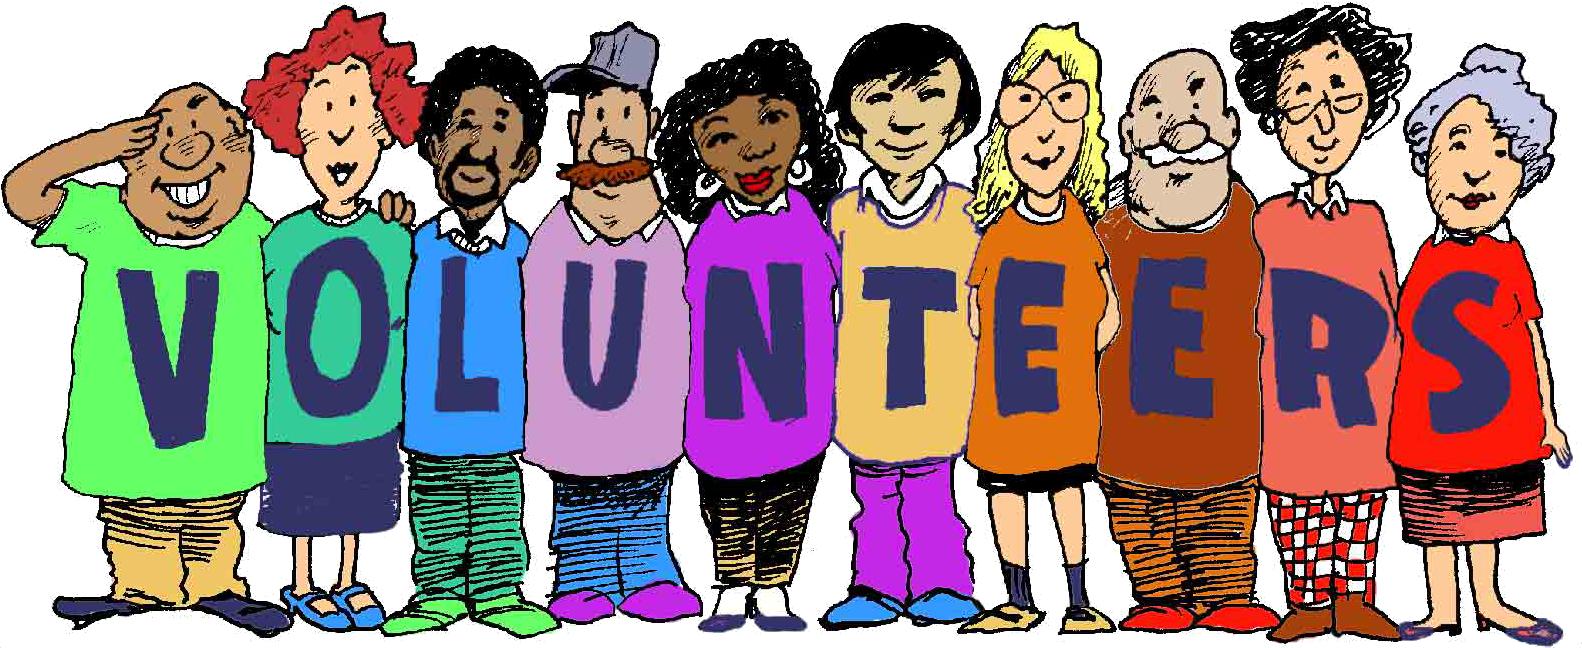 volunteer_vrijwilliger lookatie364 kunstpost den haag mariahoeve